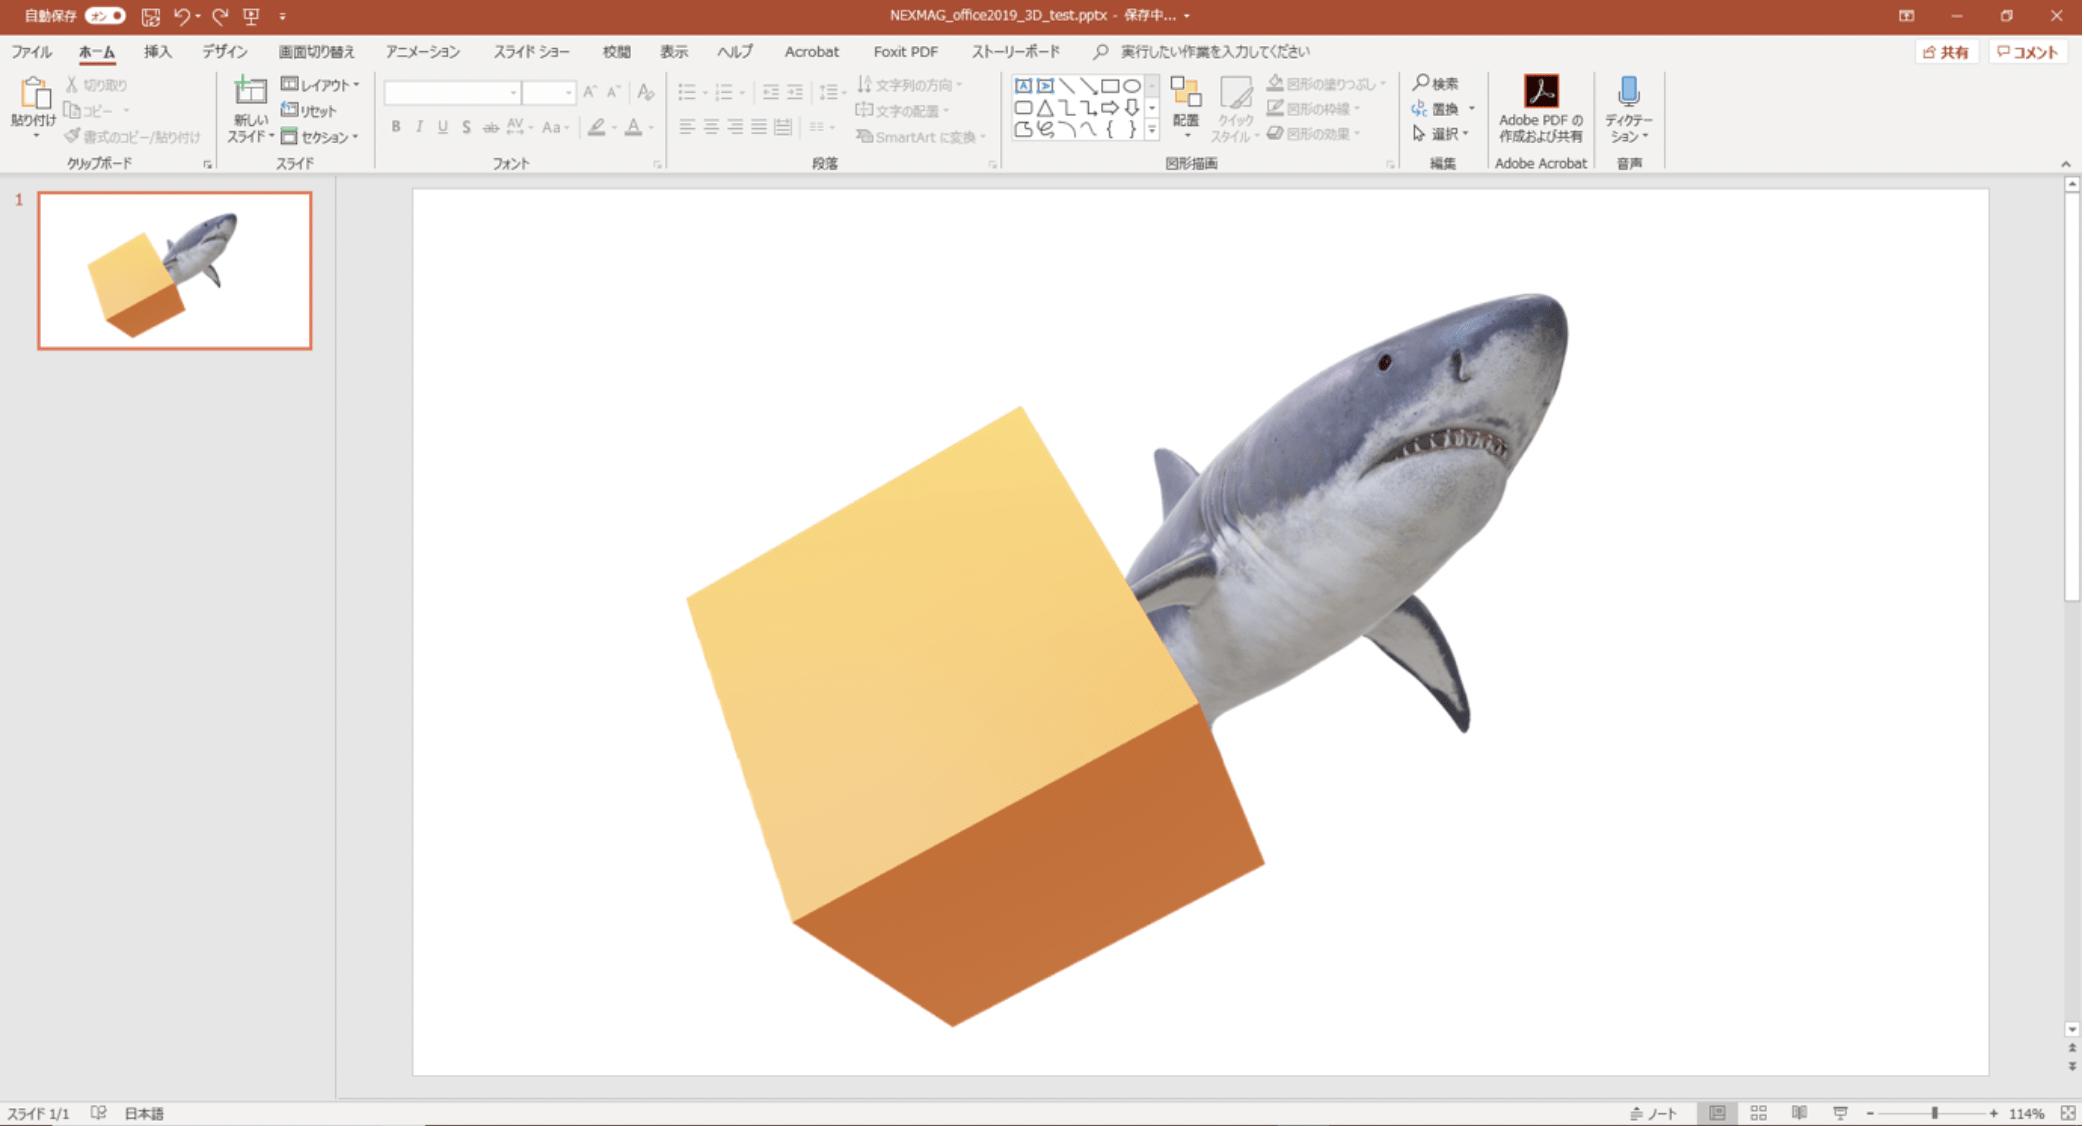 読み込んだ3Dモデルを組み合わせて使用することもできる